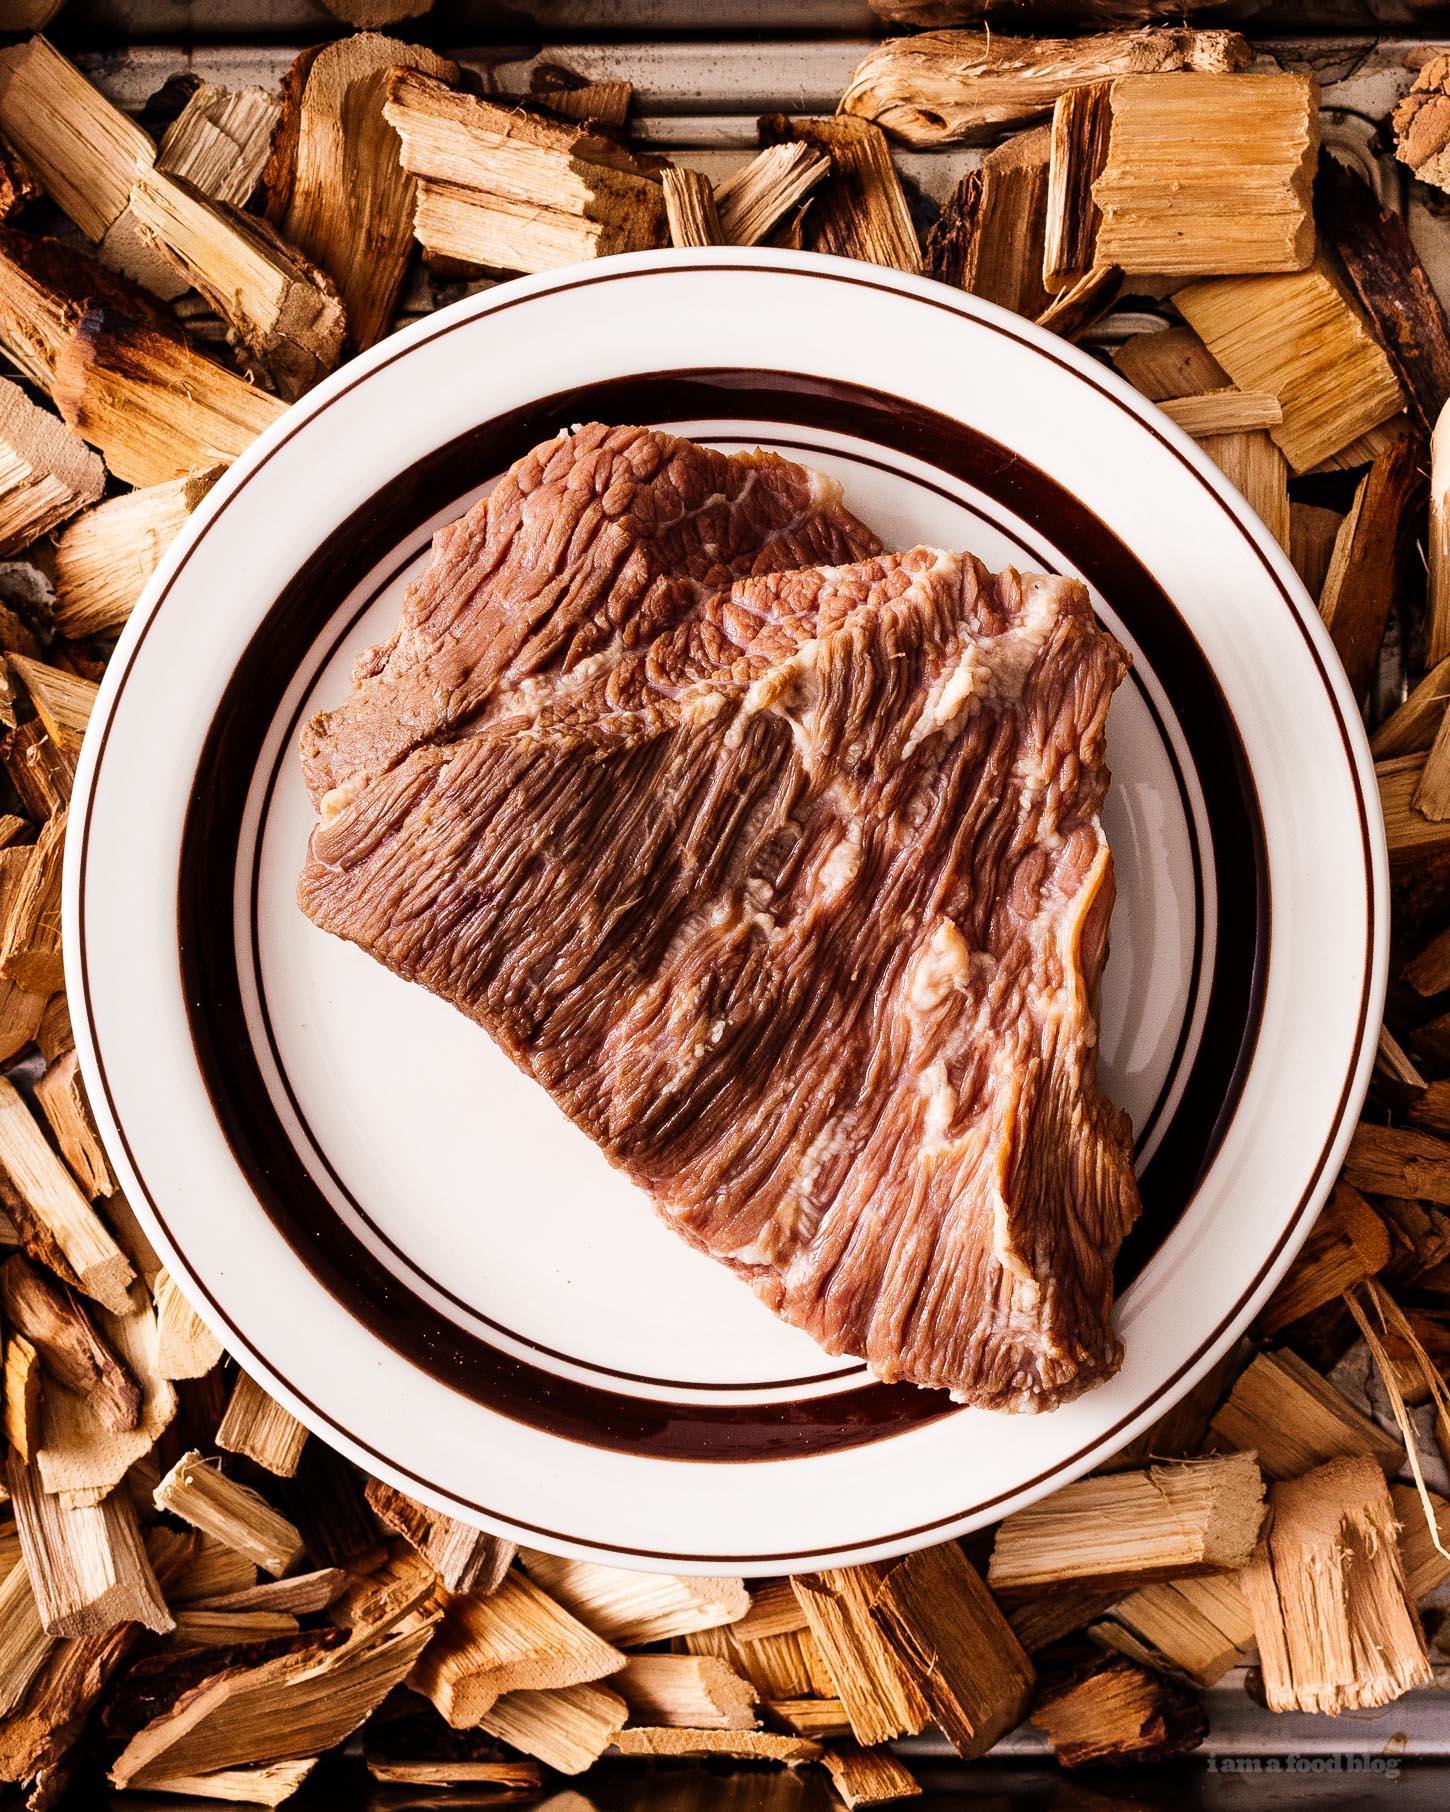 Homemade Pastrami Recipe | www.iamafoodblog.com